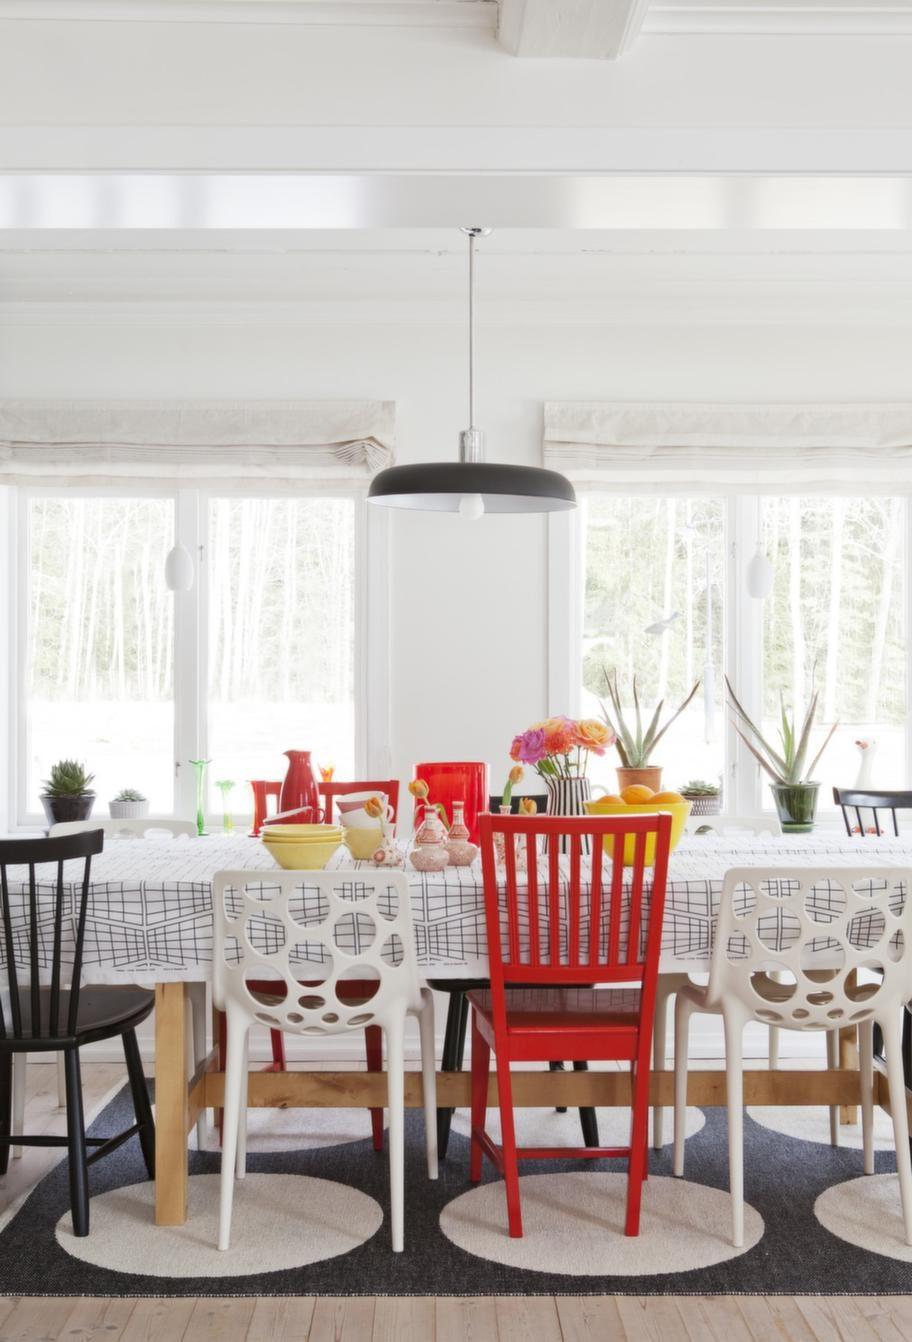 Stolar i olika färger runt matbordet Norden från Ikea. Lampan kommer från Olsson & Jensen. Duken är sydd av metervara från Ikea.